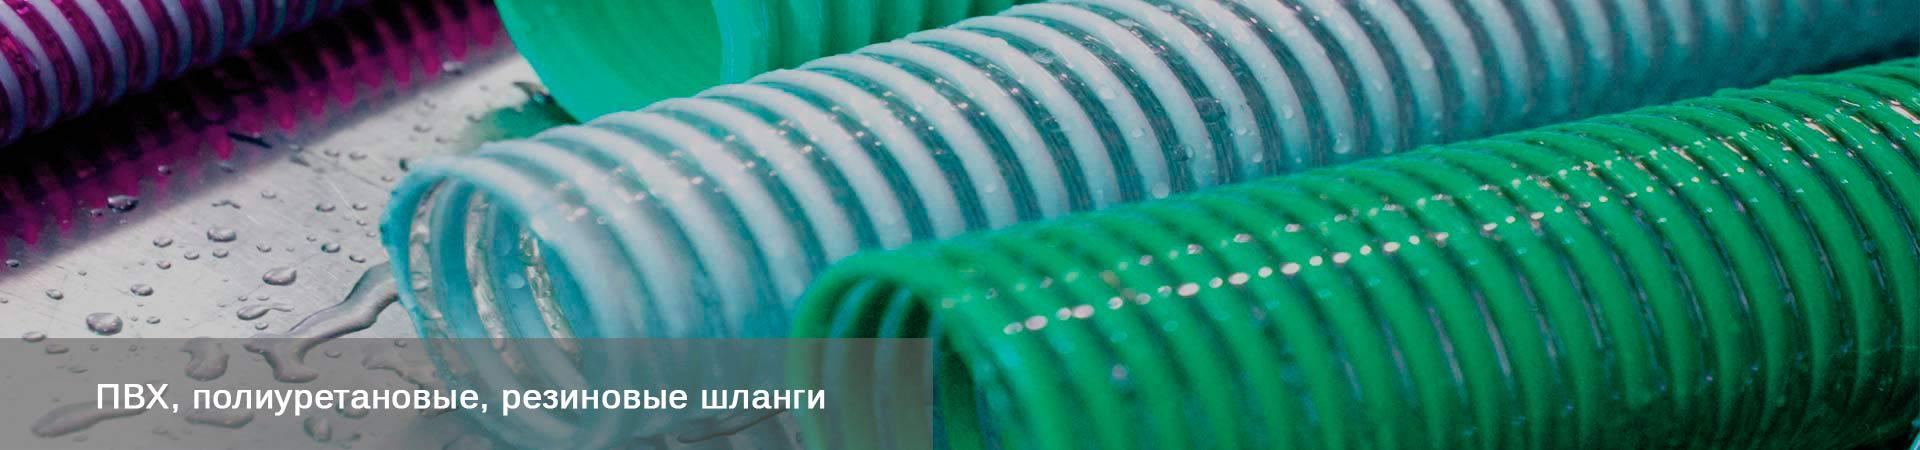 Все виды шлангов: полиуретановые, пвх, резиновые, силиконовые